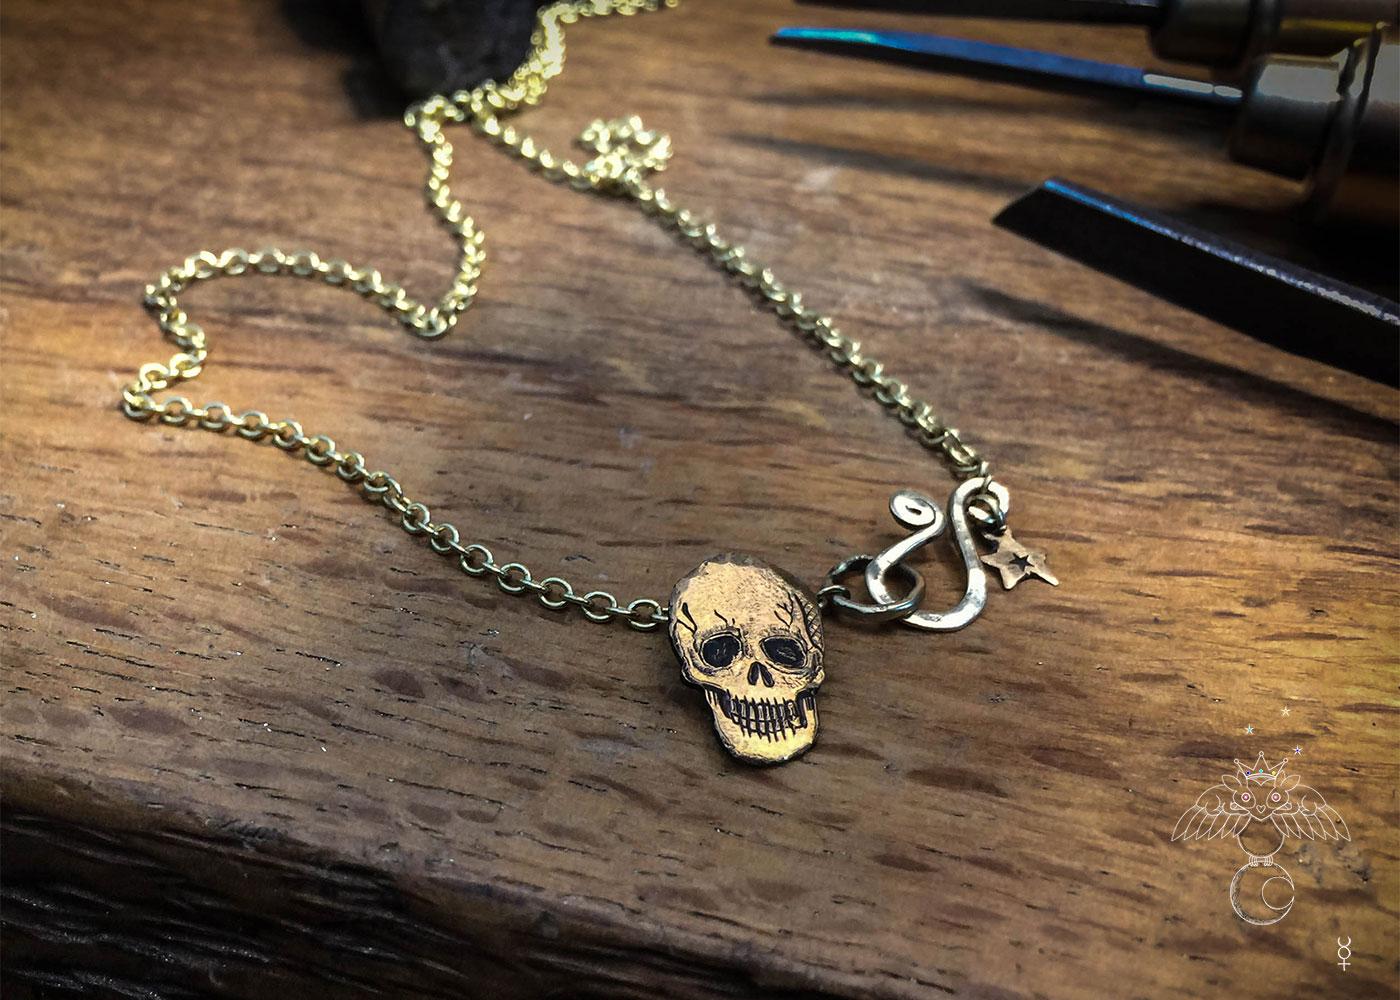 Gold memento mori necklace